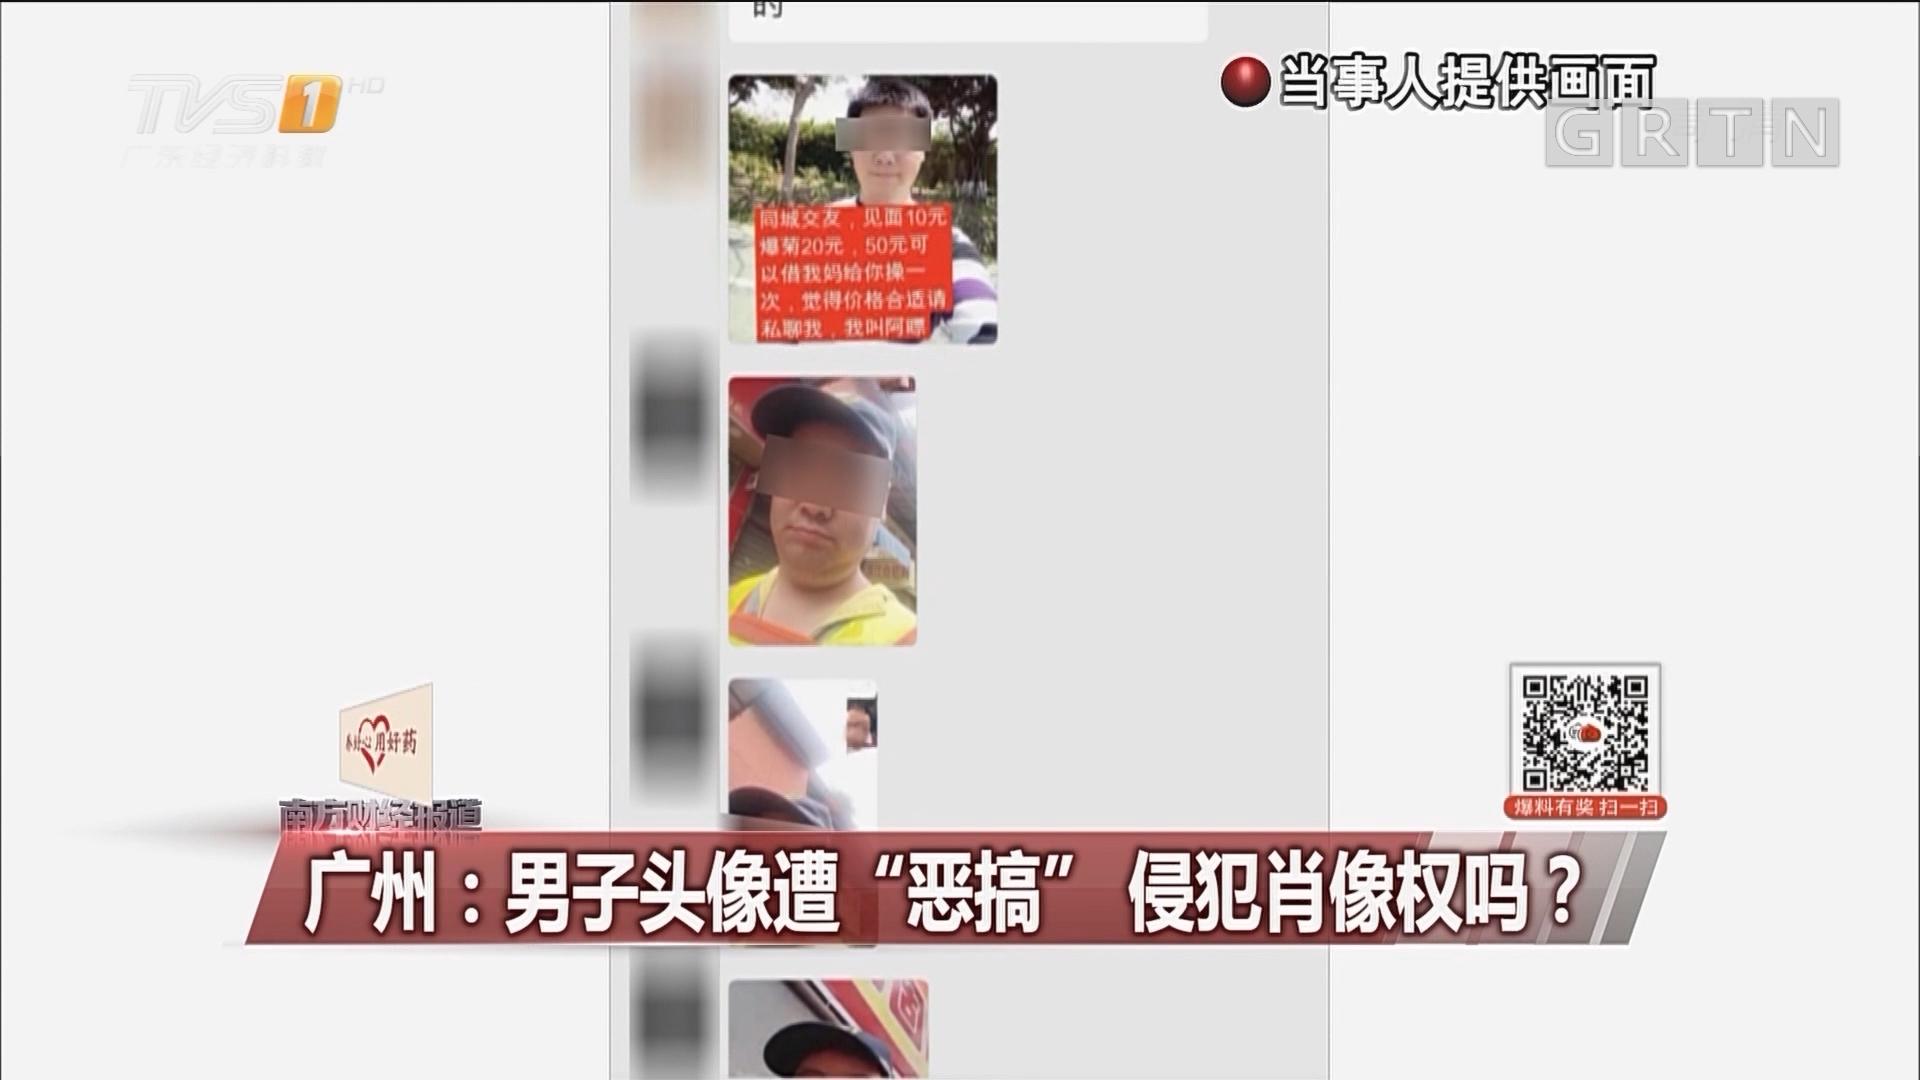 """广州:男子头像遭""""恶搞"""" 侵犯肖像权吗?"""